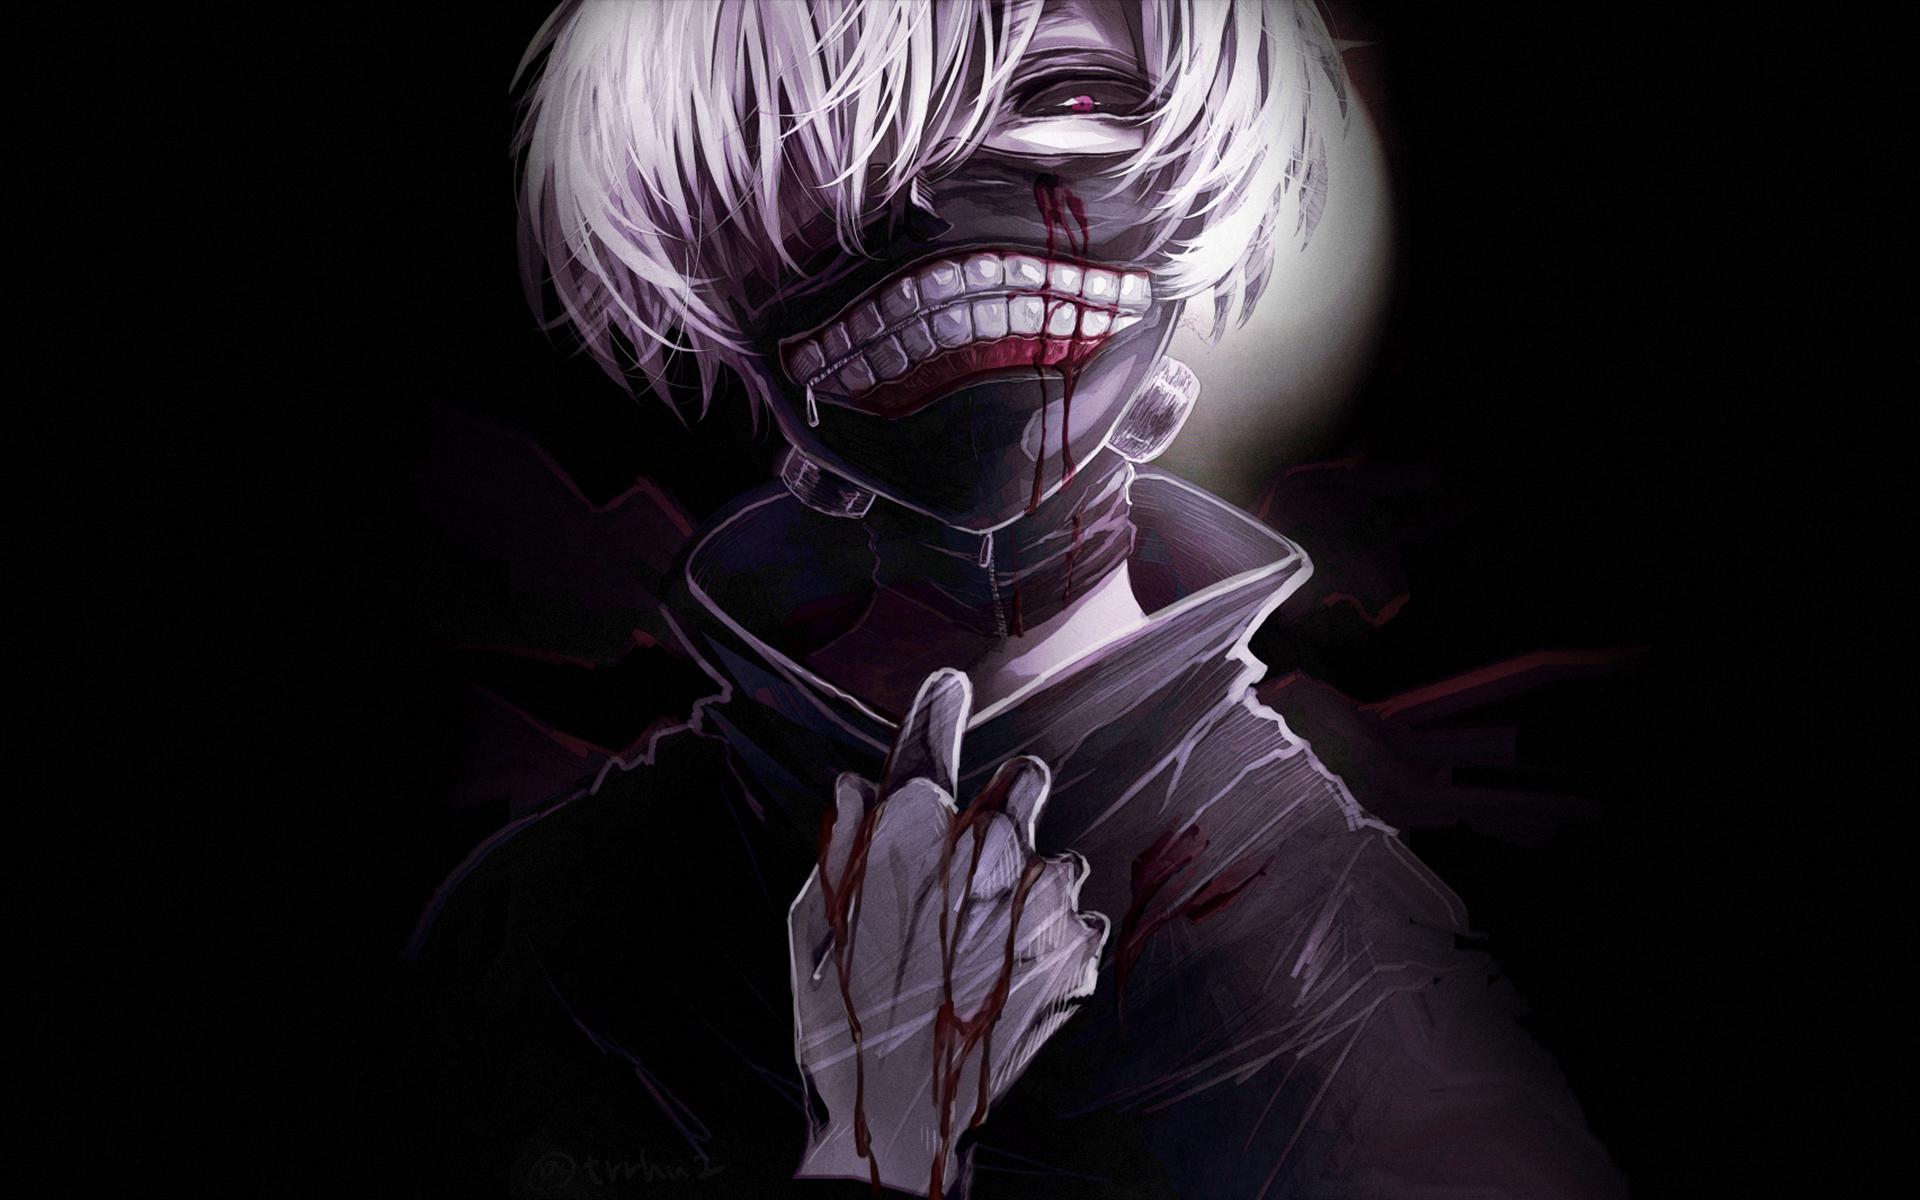 Ken kaneki tokyo ghoul hd anime 4k wallpapers images - Tokyo anime wallpaper ...